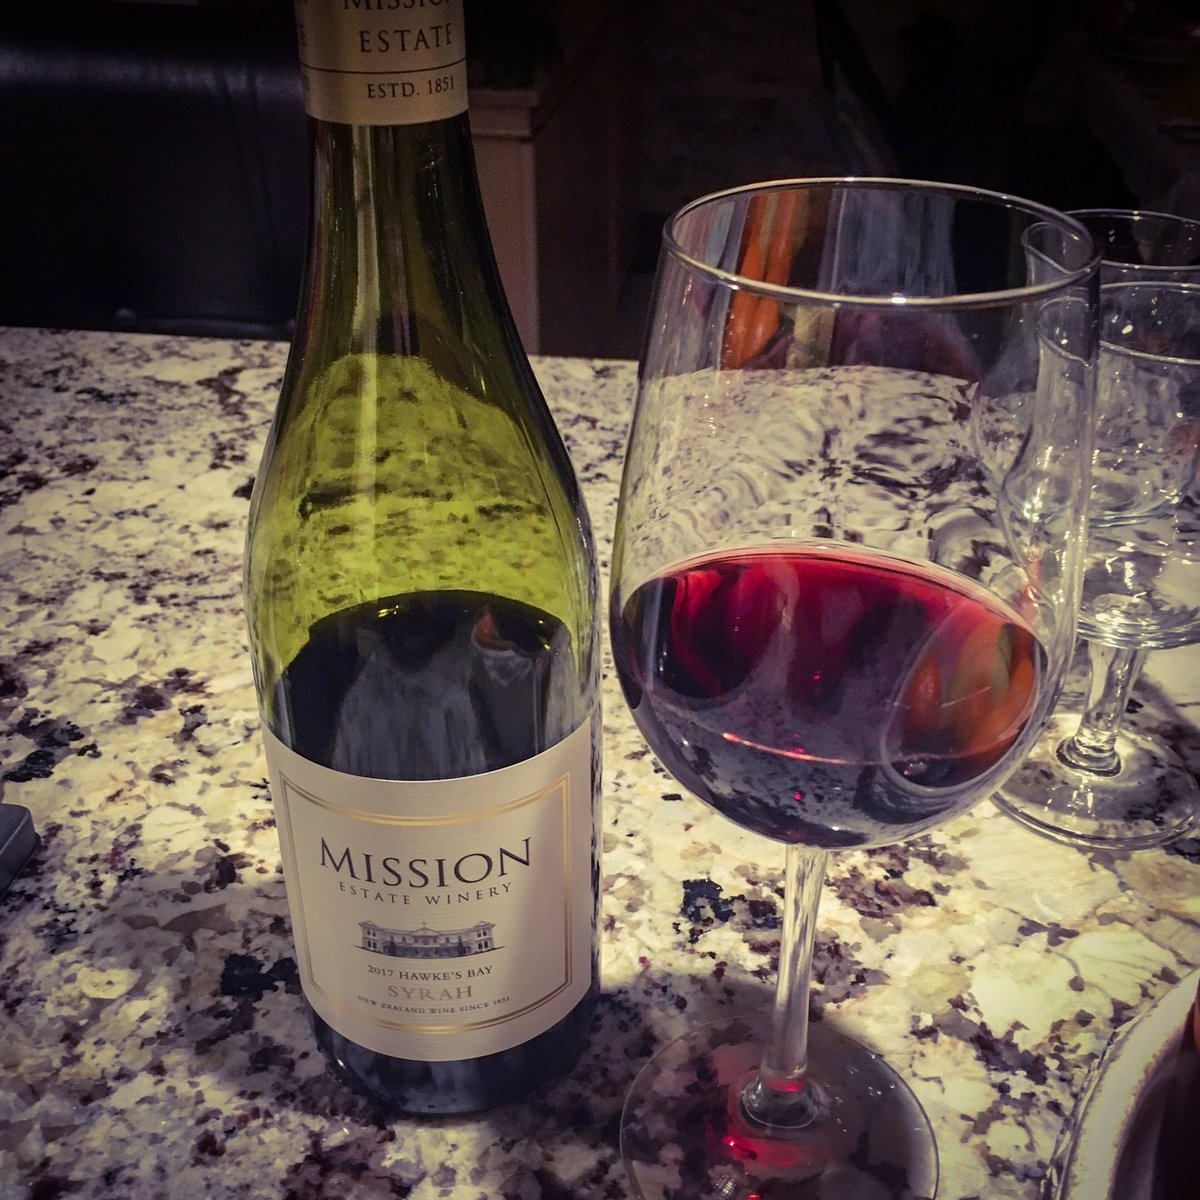 Mission Estate Syrah Hawke's Bay 2017 - Nouvelle-Zélande [ 85 pts] Il a un nez floral très expressif. En bouche, l'acidité est très agréable mais l'ensemble manque de complexité et se texture. #wine #winetasting #winelover Détails http://bit.ly/2ZH7ApLpic.twitter.com/96uOxyck5F